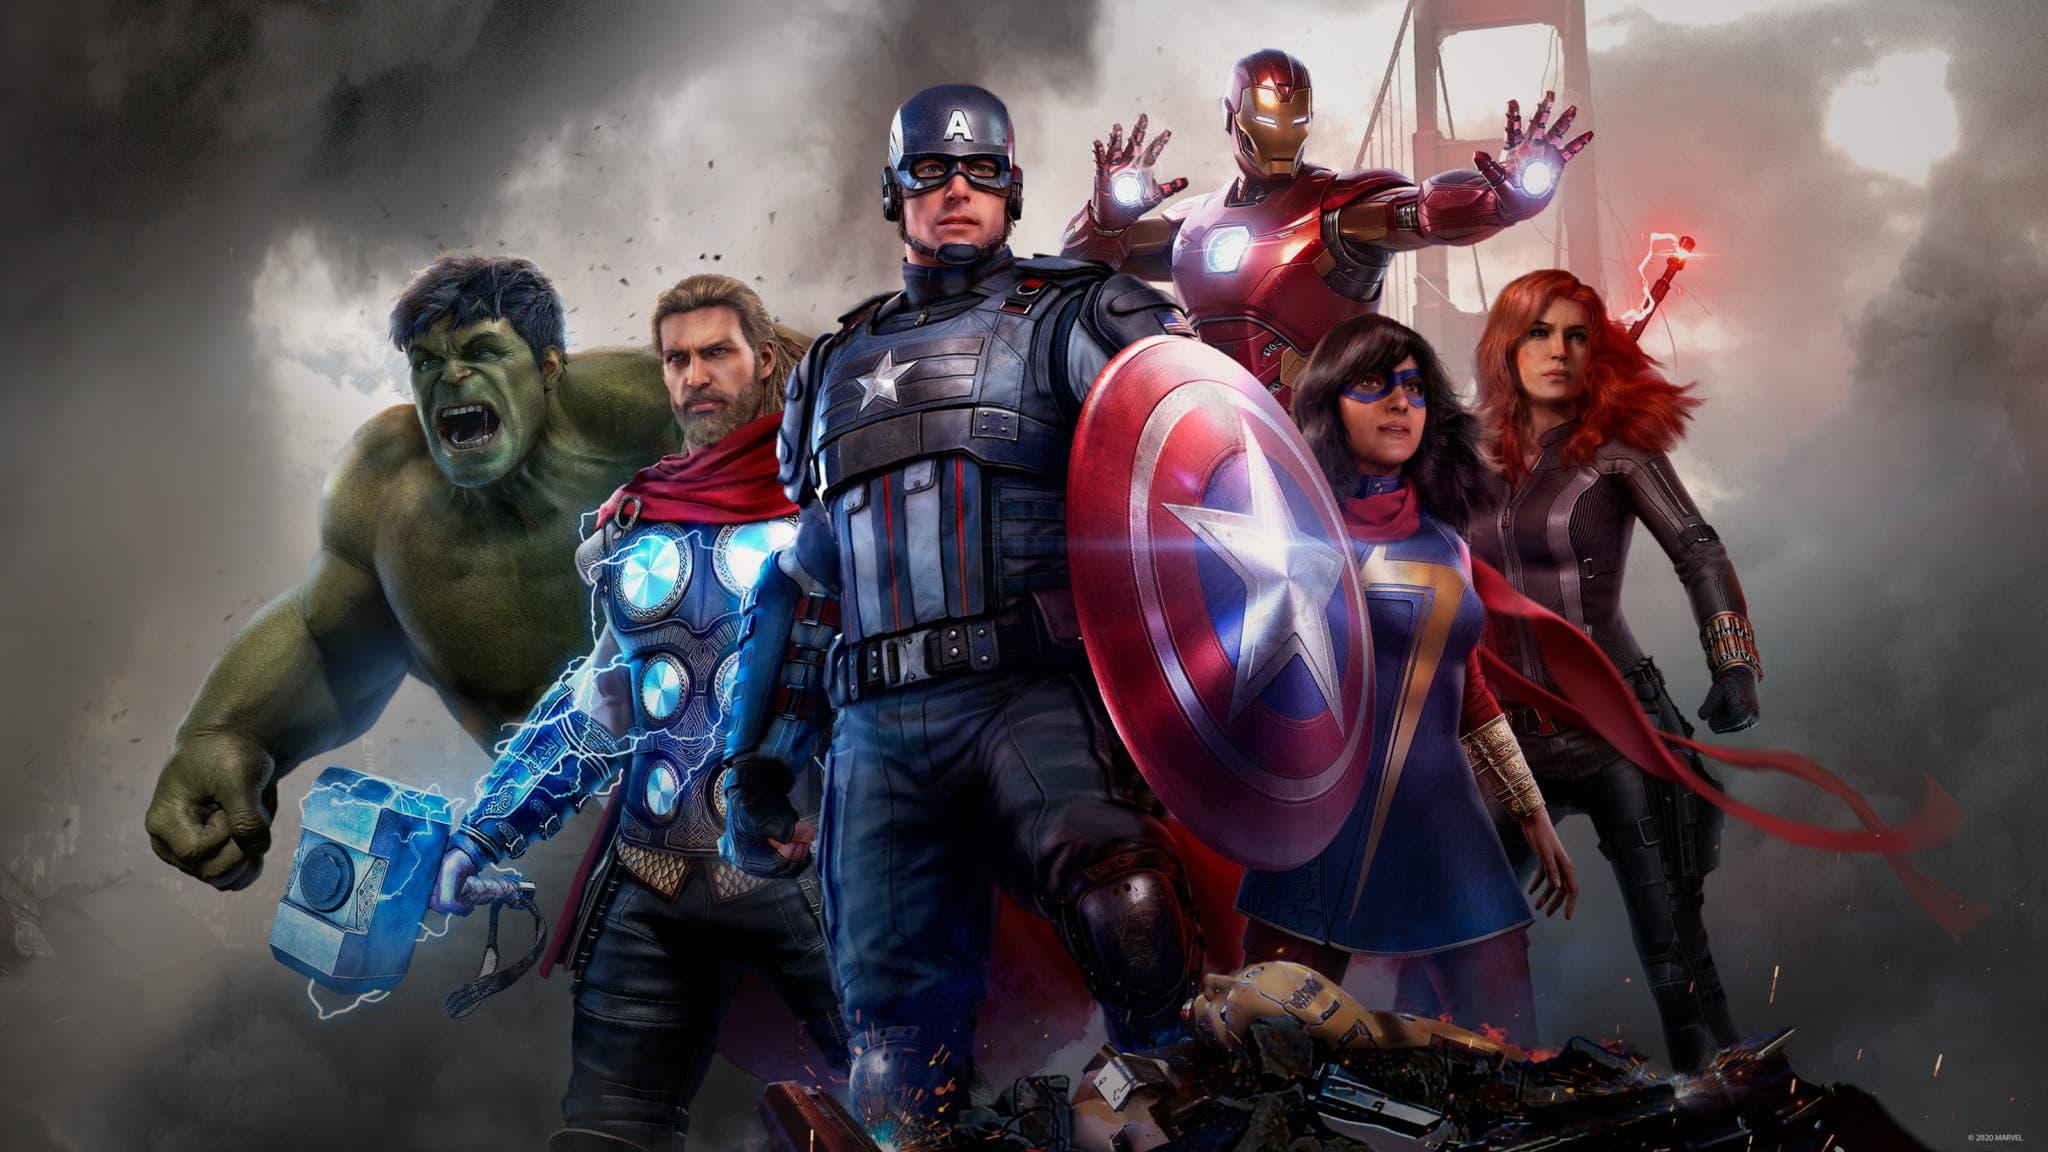 Square Enix quiere transformar Marvel's Avengers introduciendo gran cantidad de contenido 5